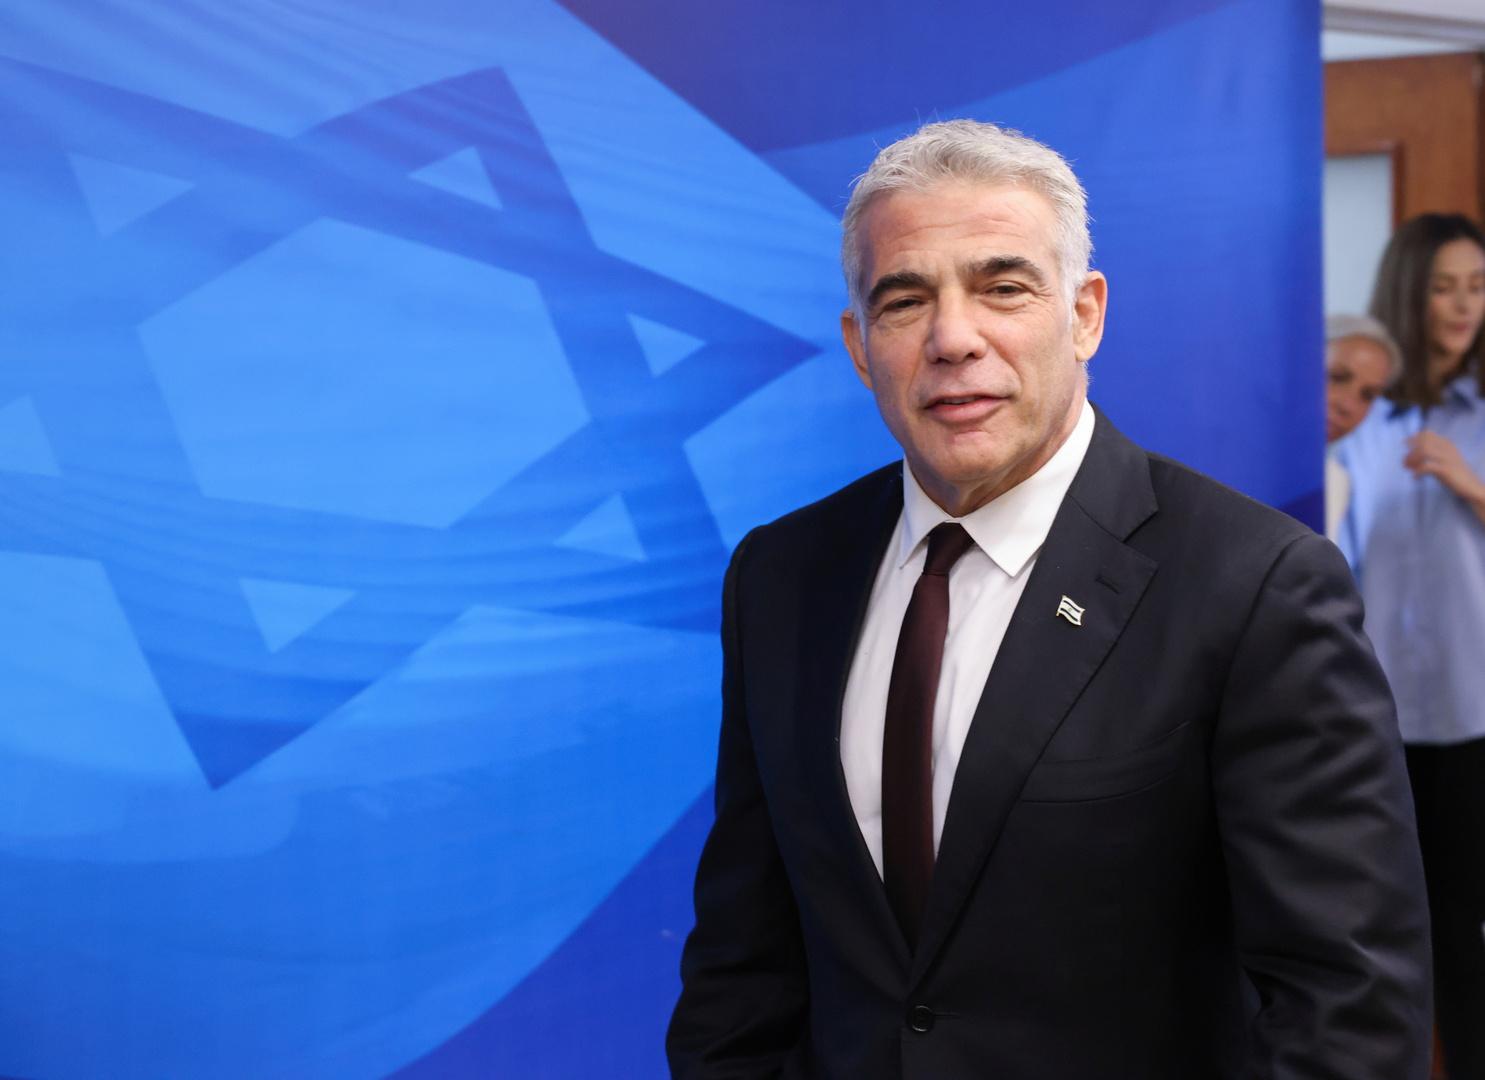 إسرائيل تعلن انضمامها إلى الاتحاد الإفريقي كدولة مراقبة